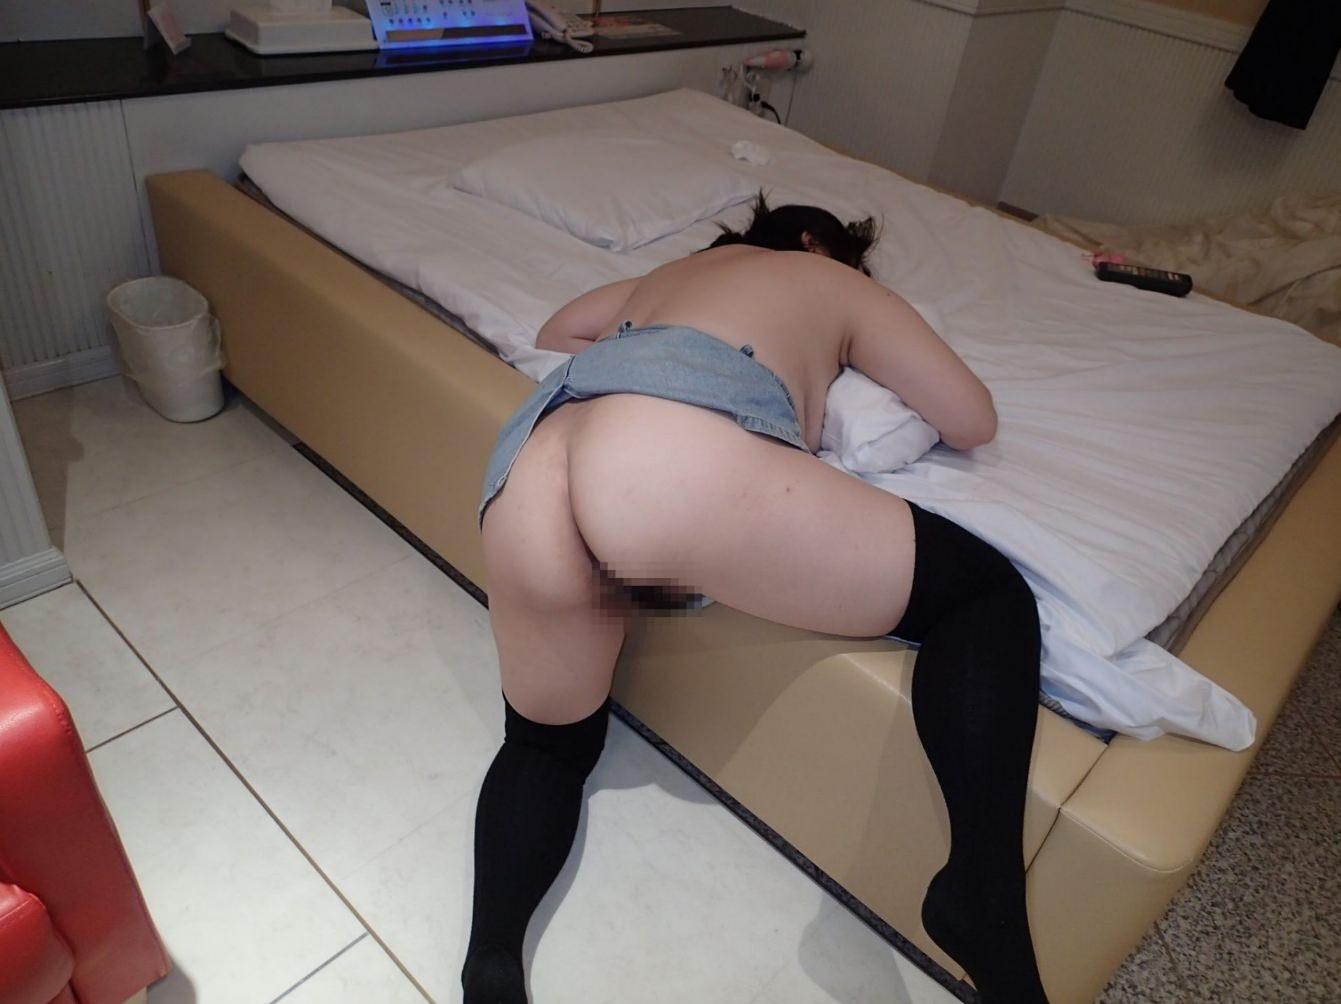 セックスに疲れてぐったり就寝中の彼女をこっそり撮影wwwwwww 0335